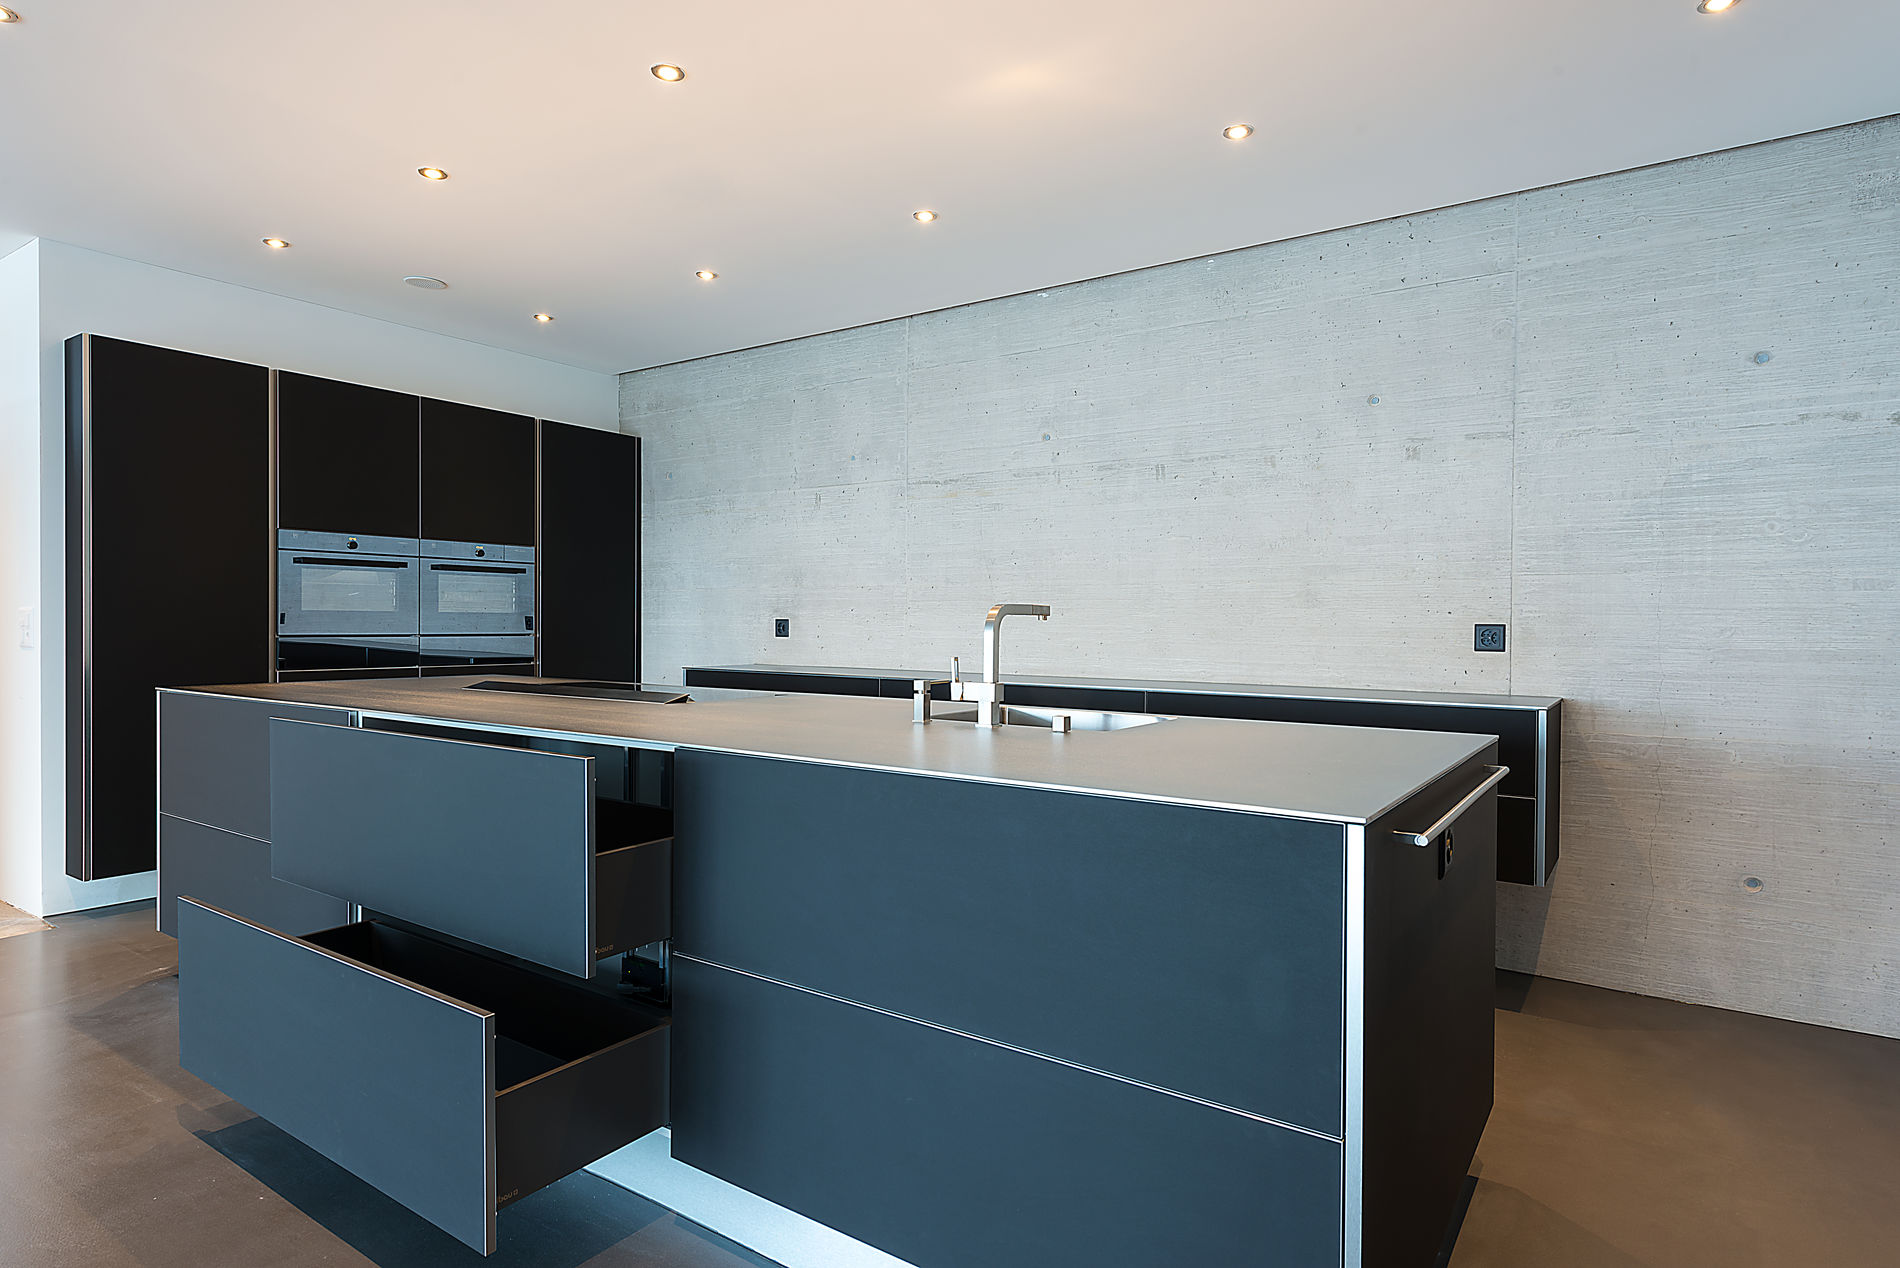 holz bau montagen gmbh 5325 leibstadt. Black Bedroom Furniture Sets. Home Design Ideas